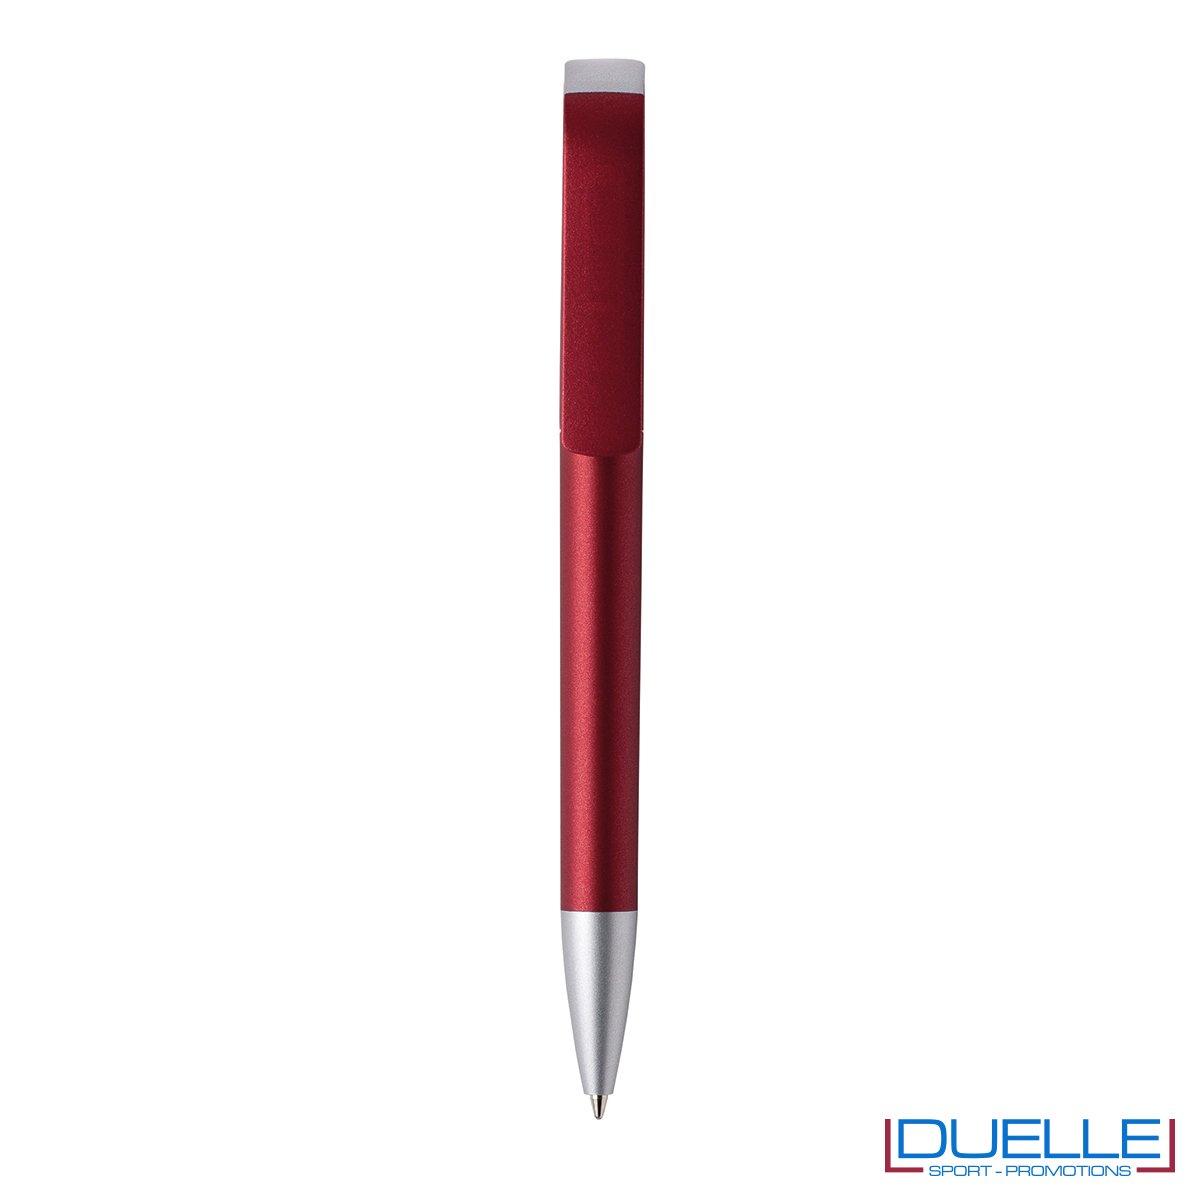 Penna Made in Italy personalizzata, gadget aziendali, penne personalizzate, gadget personalizzati, articoli promozionali